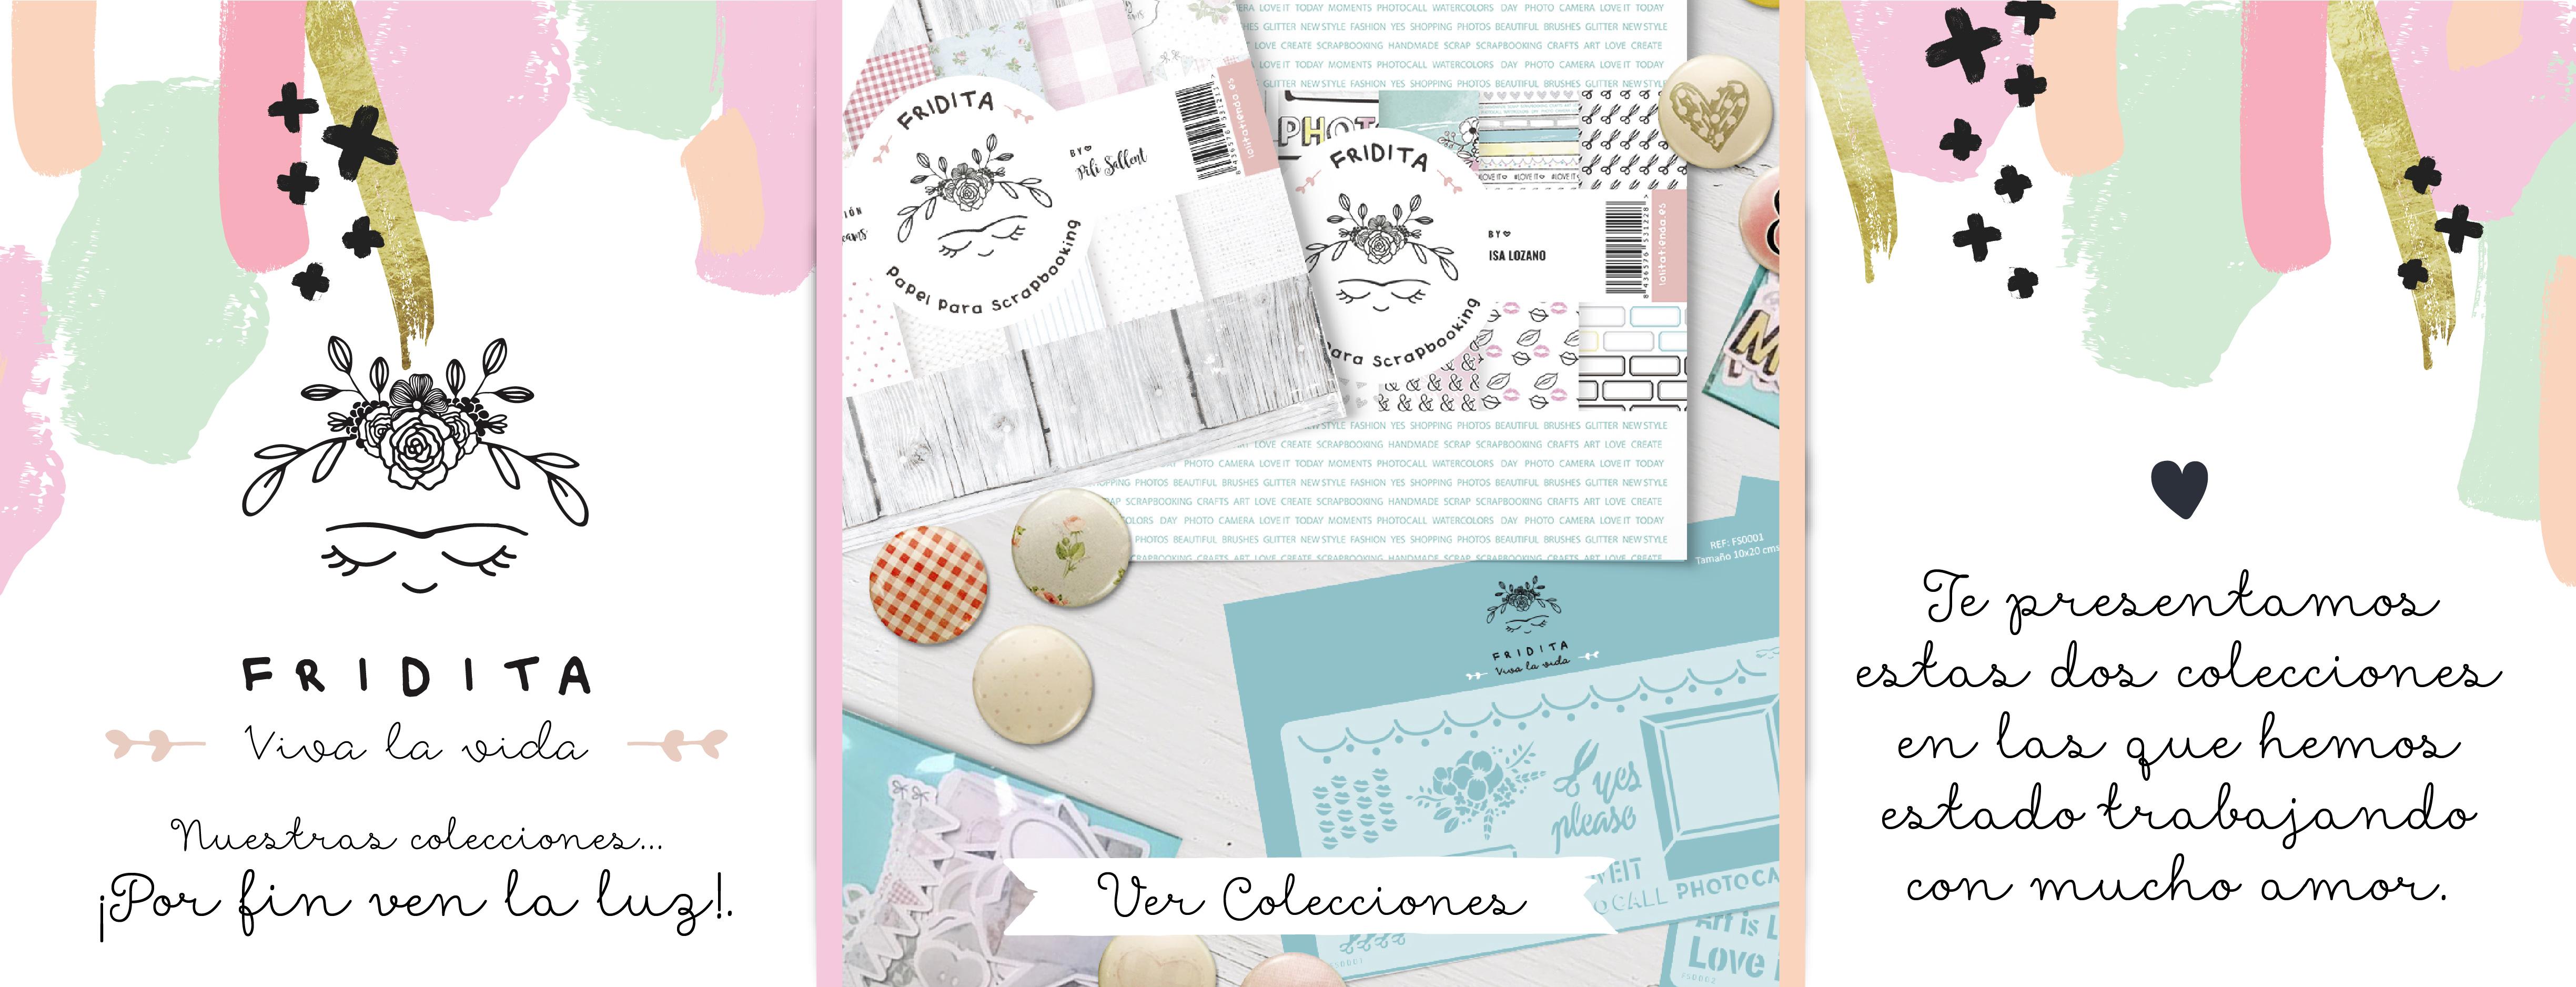 nueva-coleccion-fridita-01-01.jpg